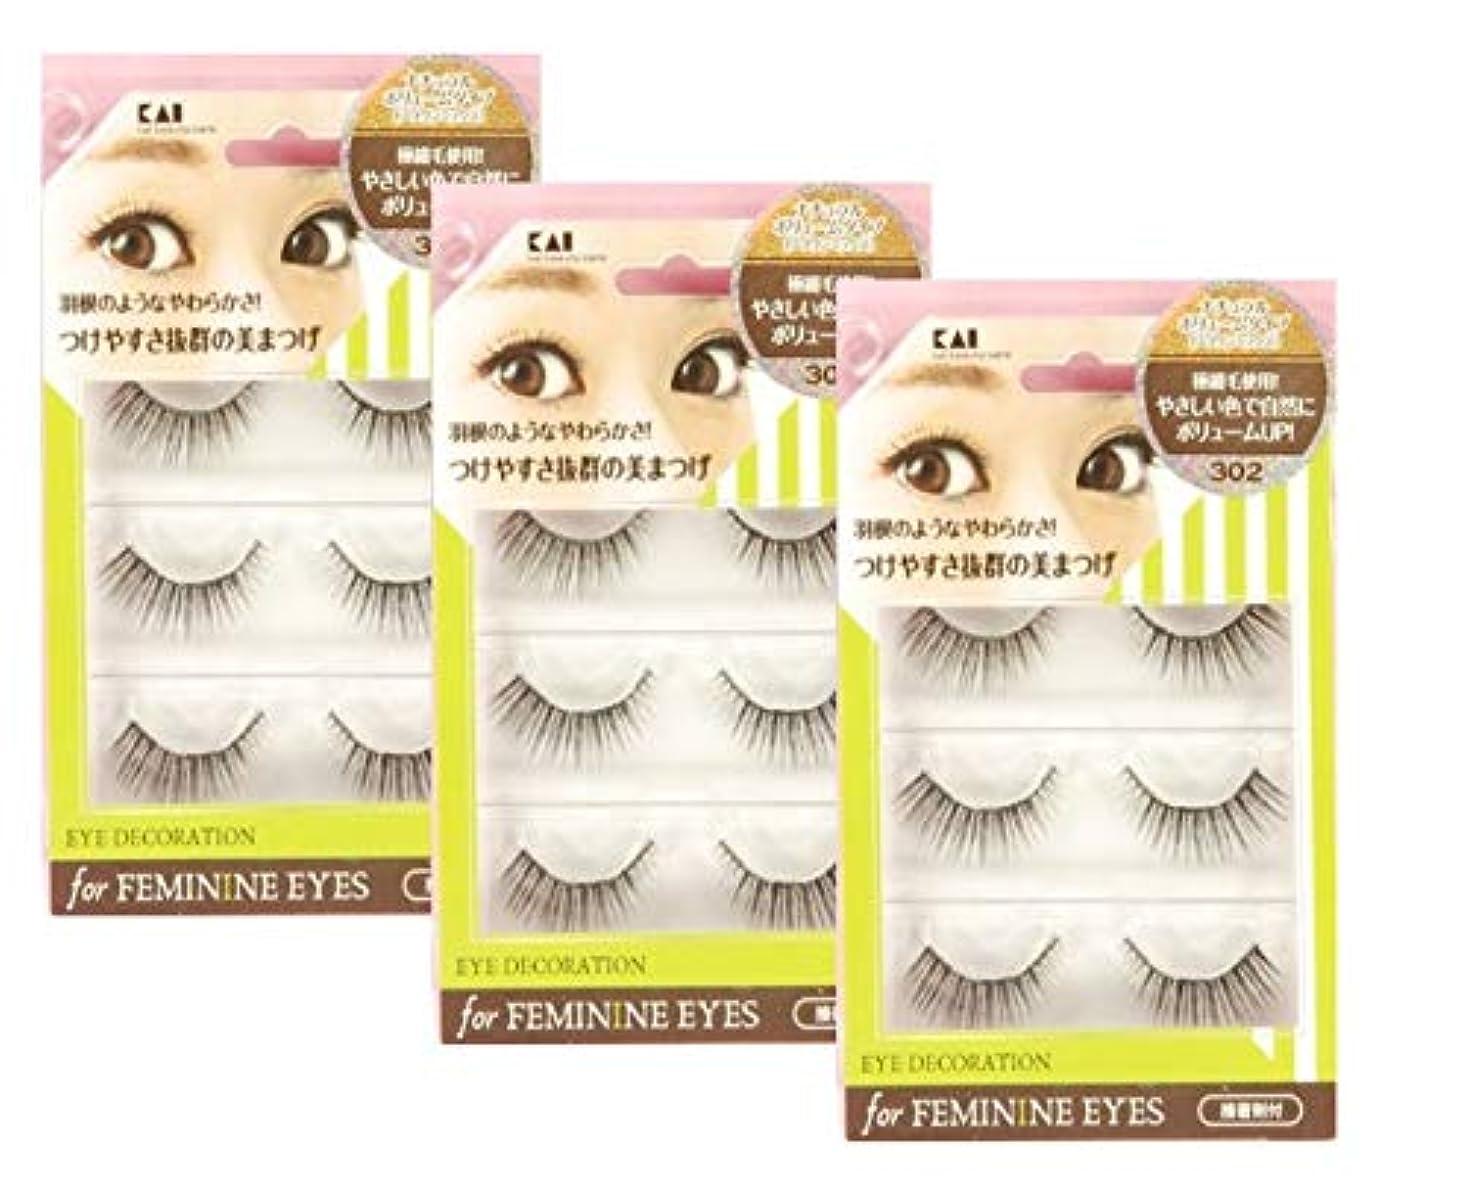 欠かせないパーチナシティ認知【まとめ買い3個セット】アイデコレーション for feminine eyes 302 ナチュラルボリュームタイプ(ブラウンミックス)